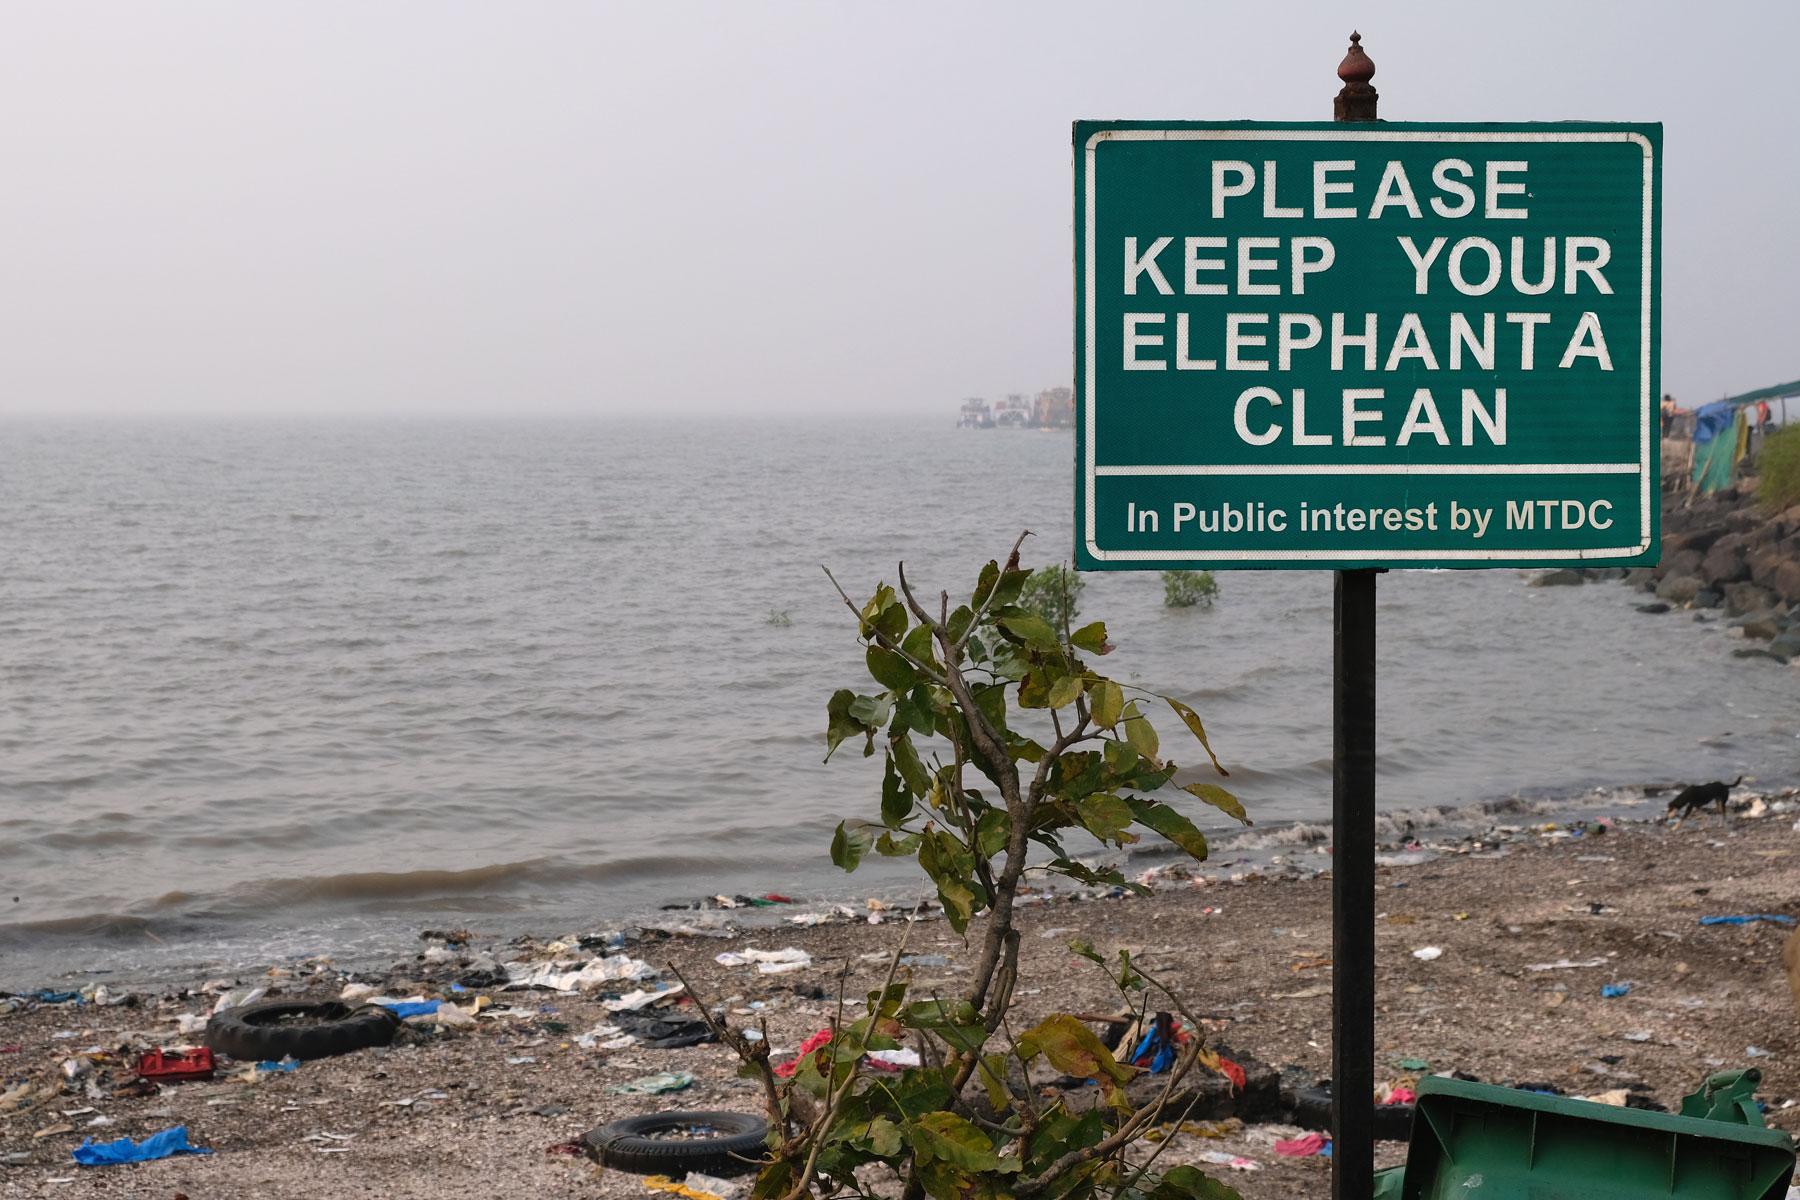 Ein schmutziger Strand auf Elephanta Island und ein Hinweisschild, das darum bittet, die Insel sauber zu halten.